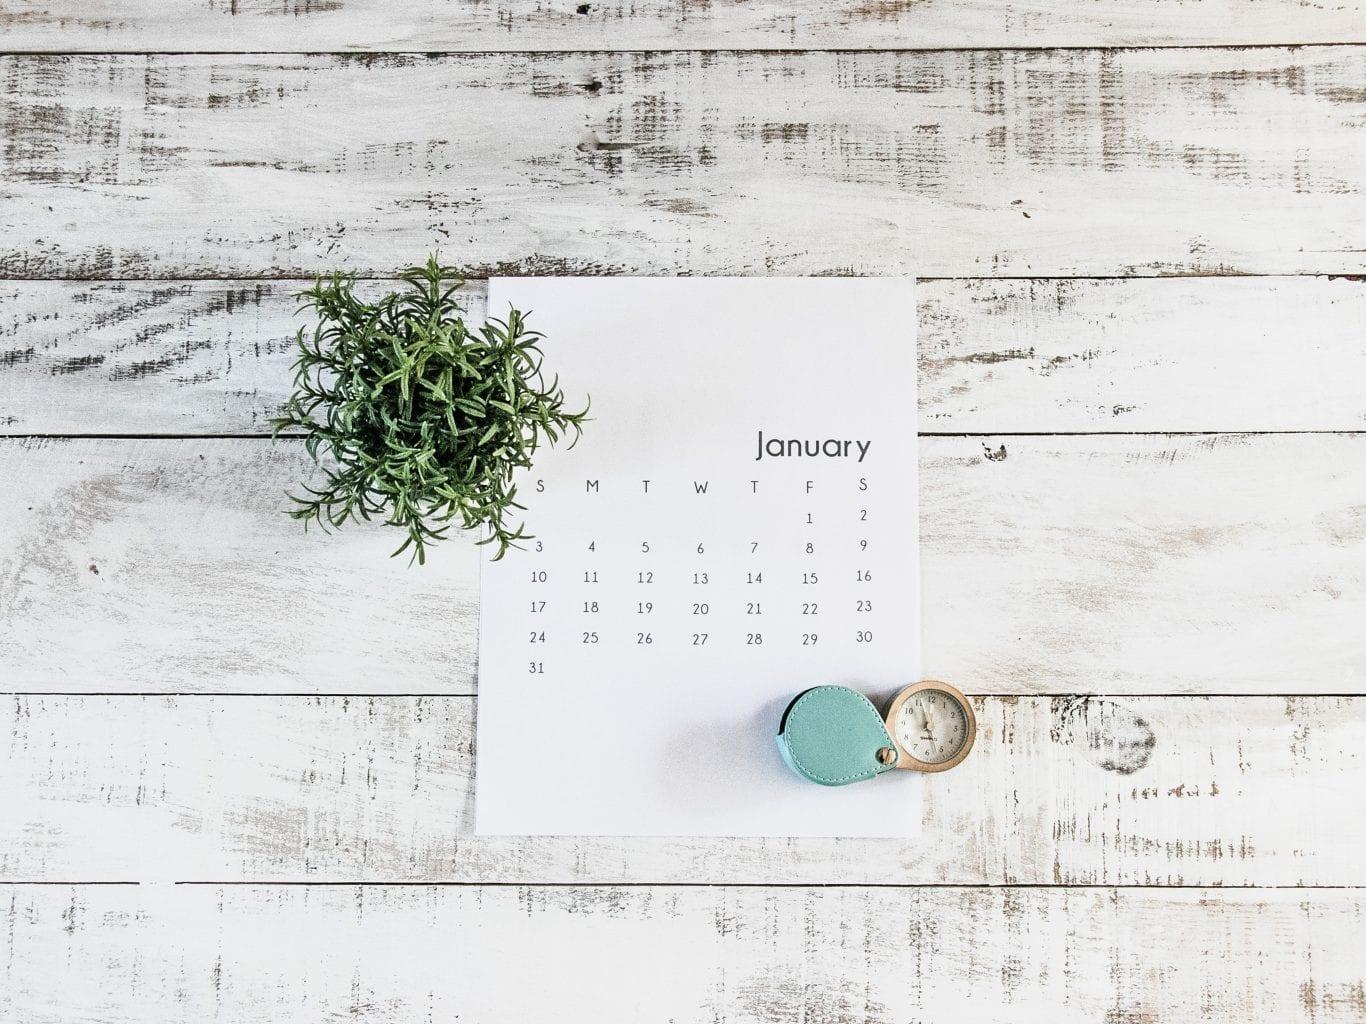 January calendar on a table with a plant